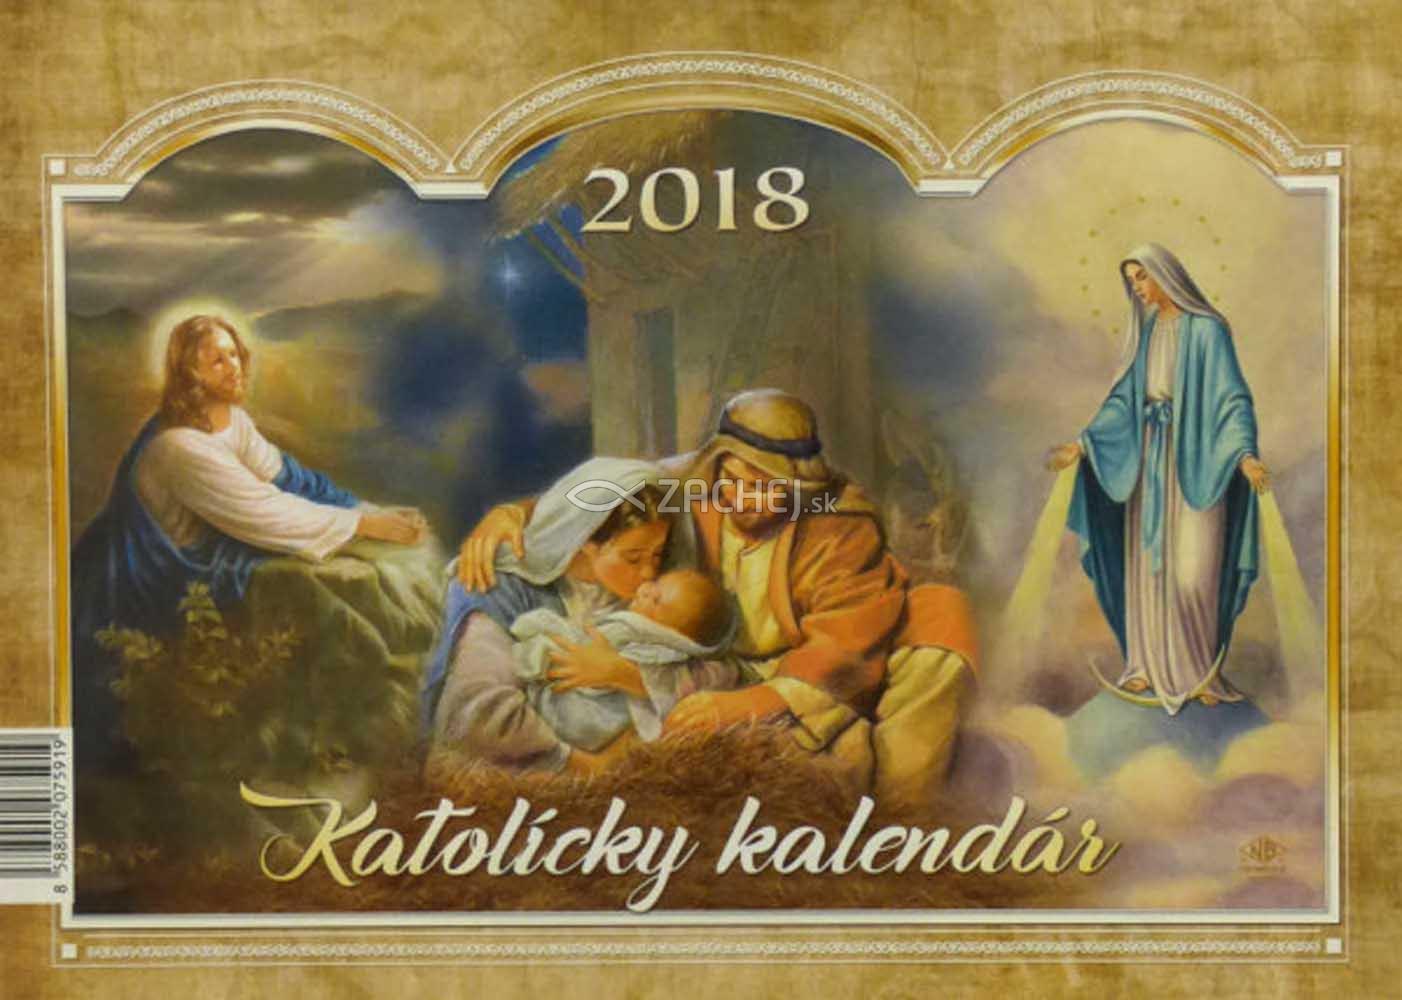 katolicky kalendar Zachej.sk • Katolícky kalendár 2018 (stolový) / VIA katolicky kalendar